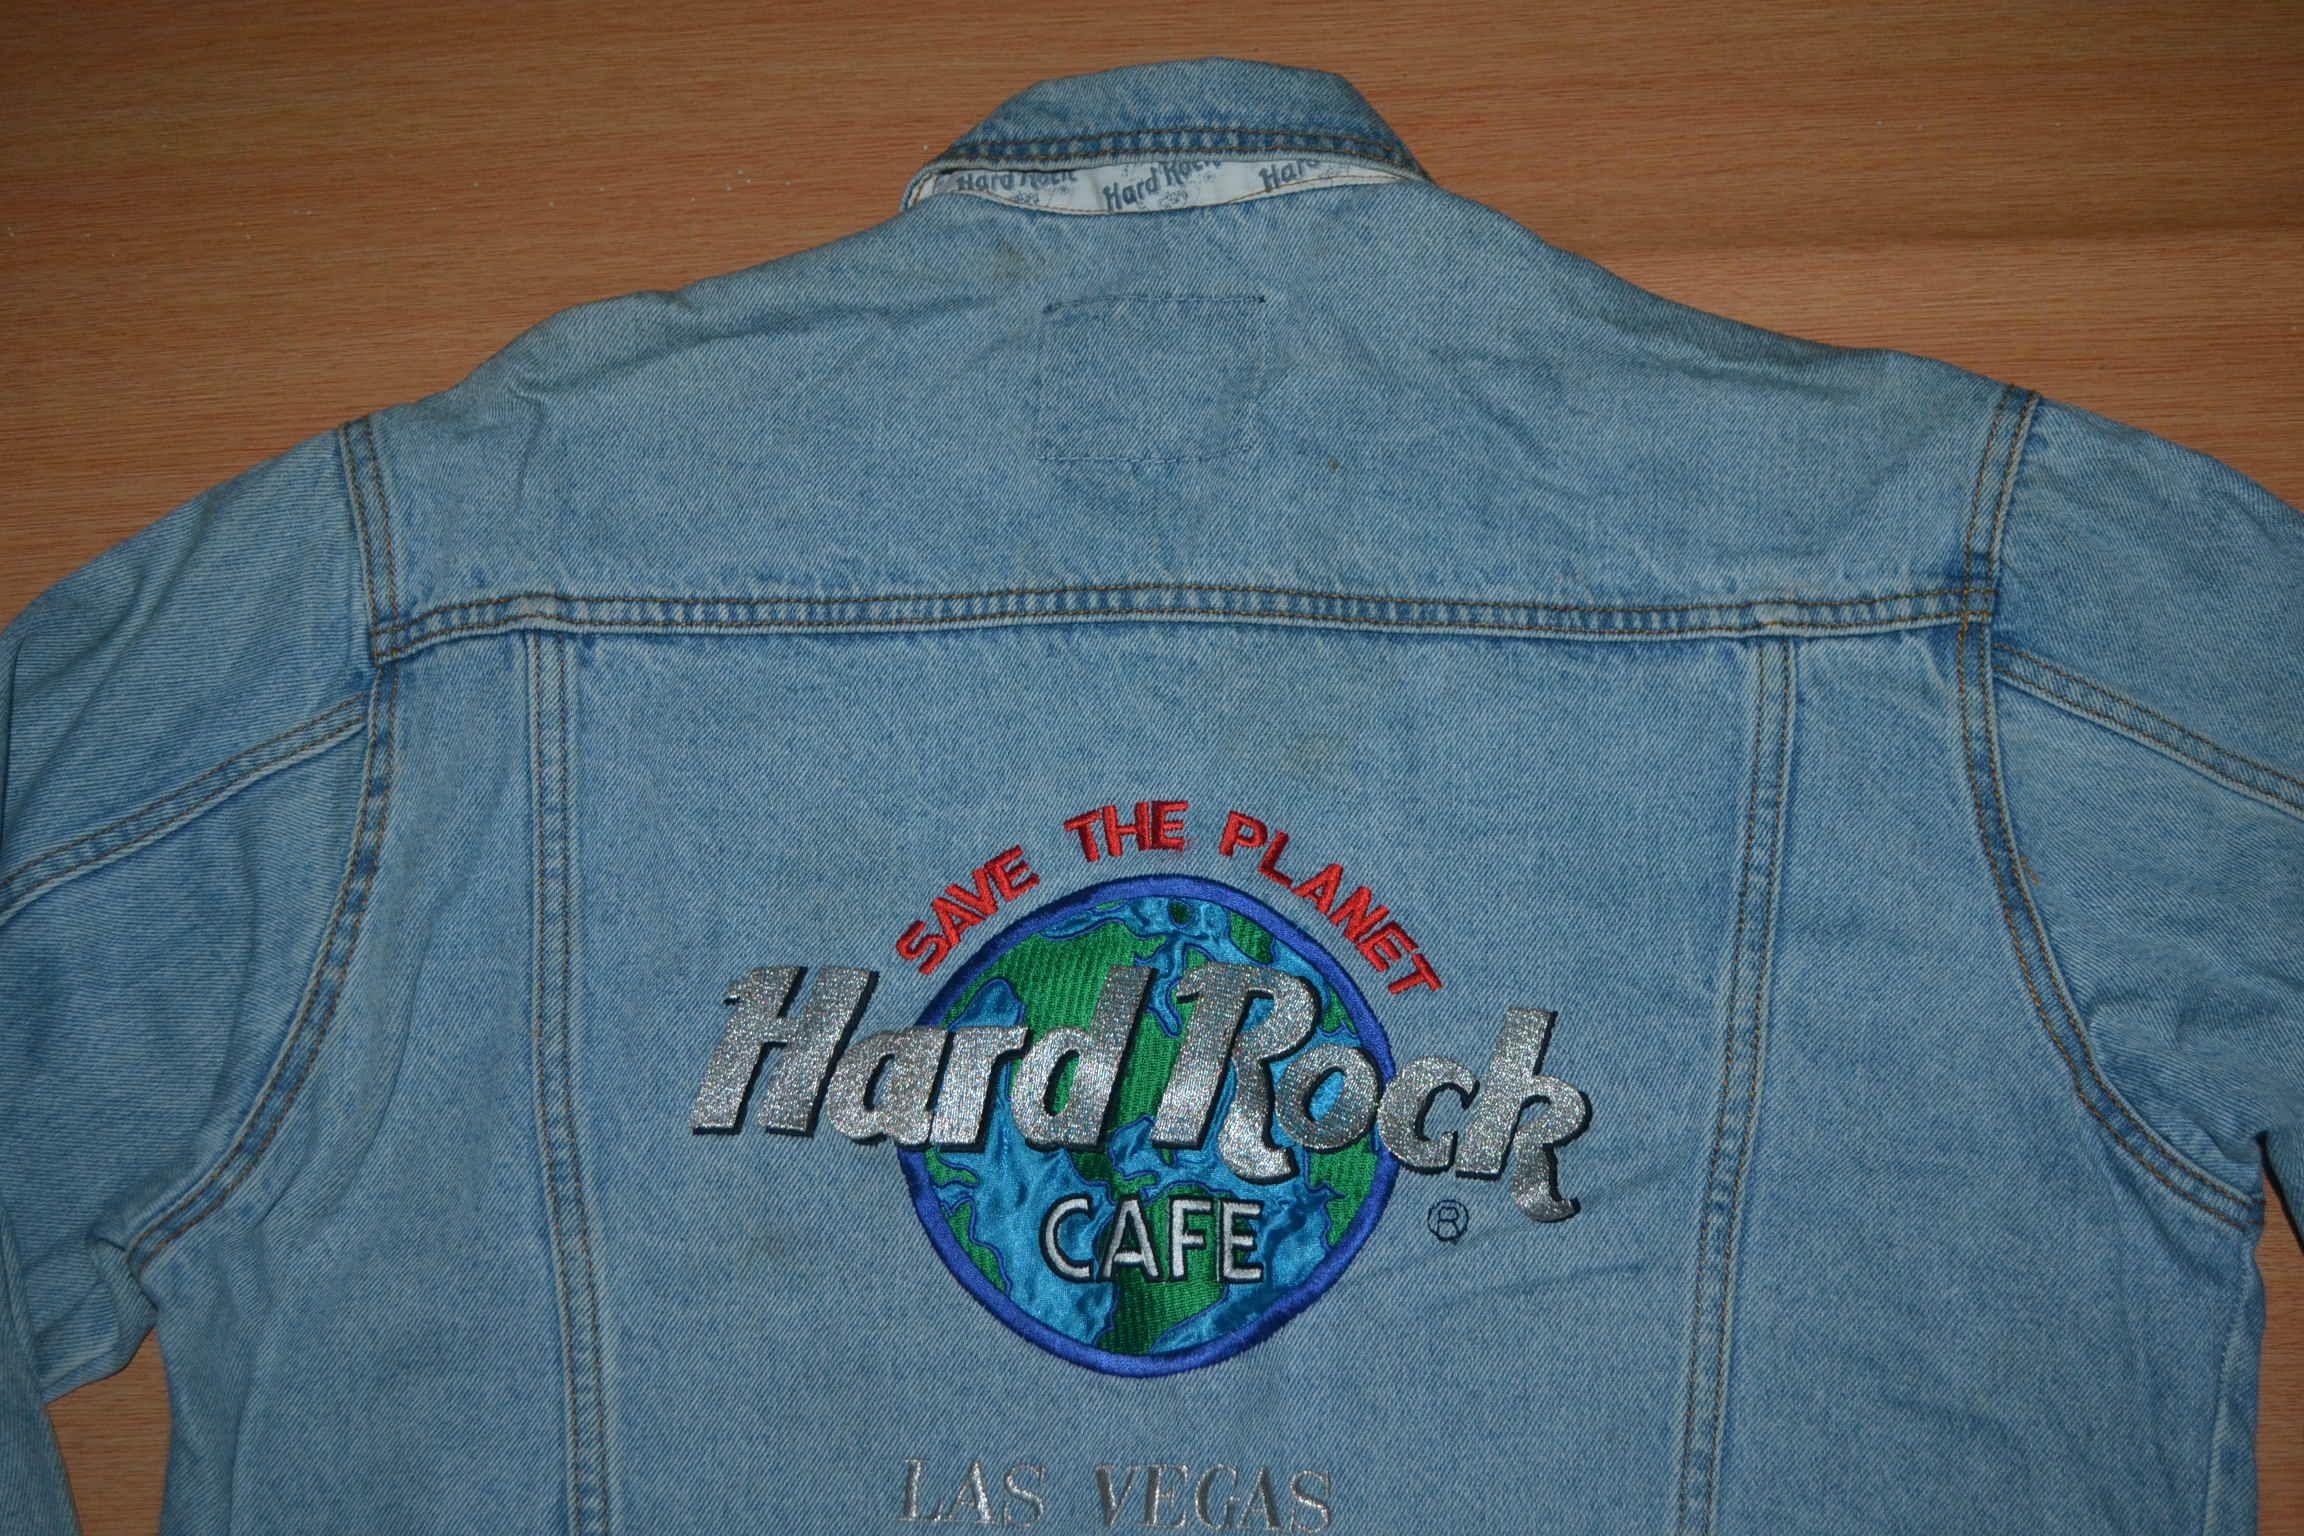 Vintage 90s Hrc Hard Rock Cafe Las Vegas Embroided Logo Denim Jeans Jacket Vintage Jacket Denim Jean Jacket Hard Rock Cafe [ 1536 x 2304 Pixel ]